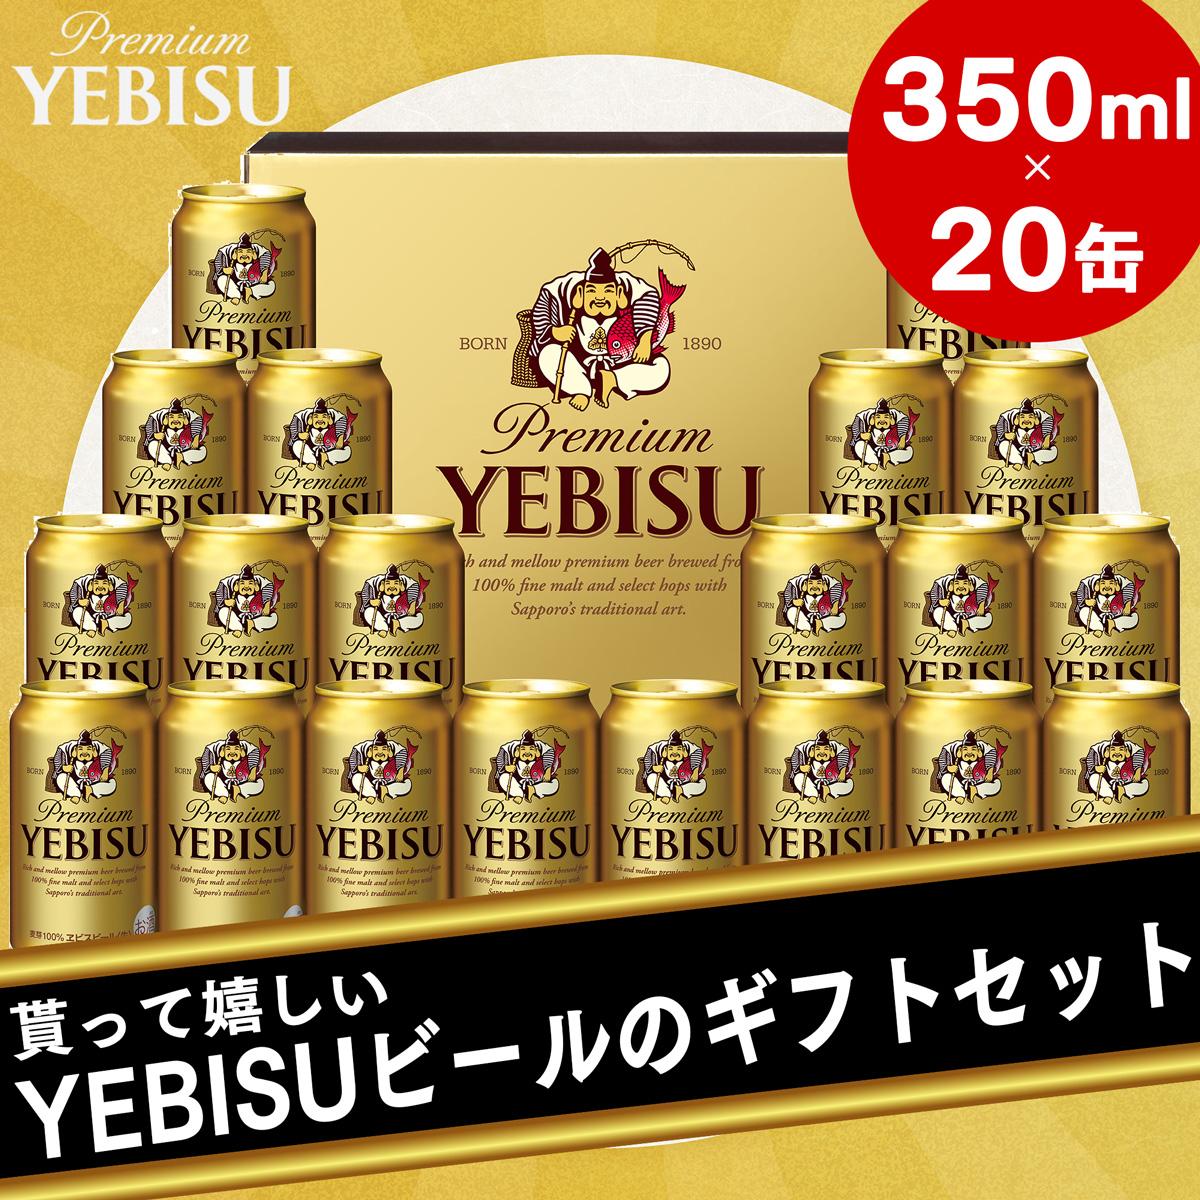 【ふるさと納税】地元名取生産 ヱビスビール 350ml 20缶 ギフトセット